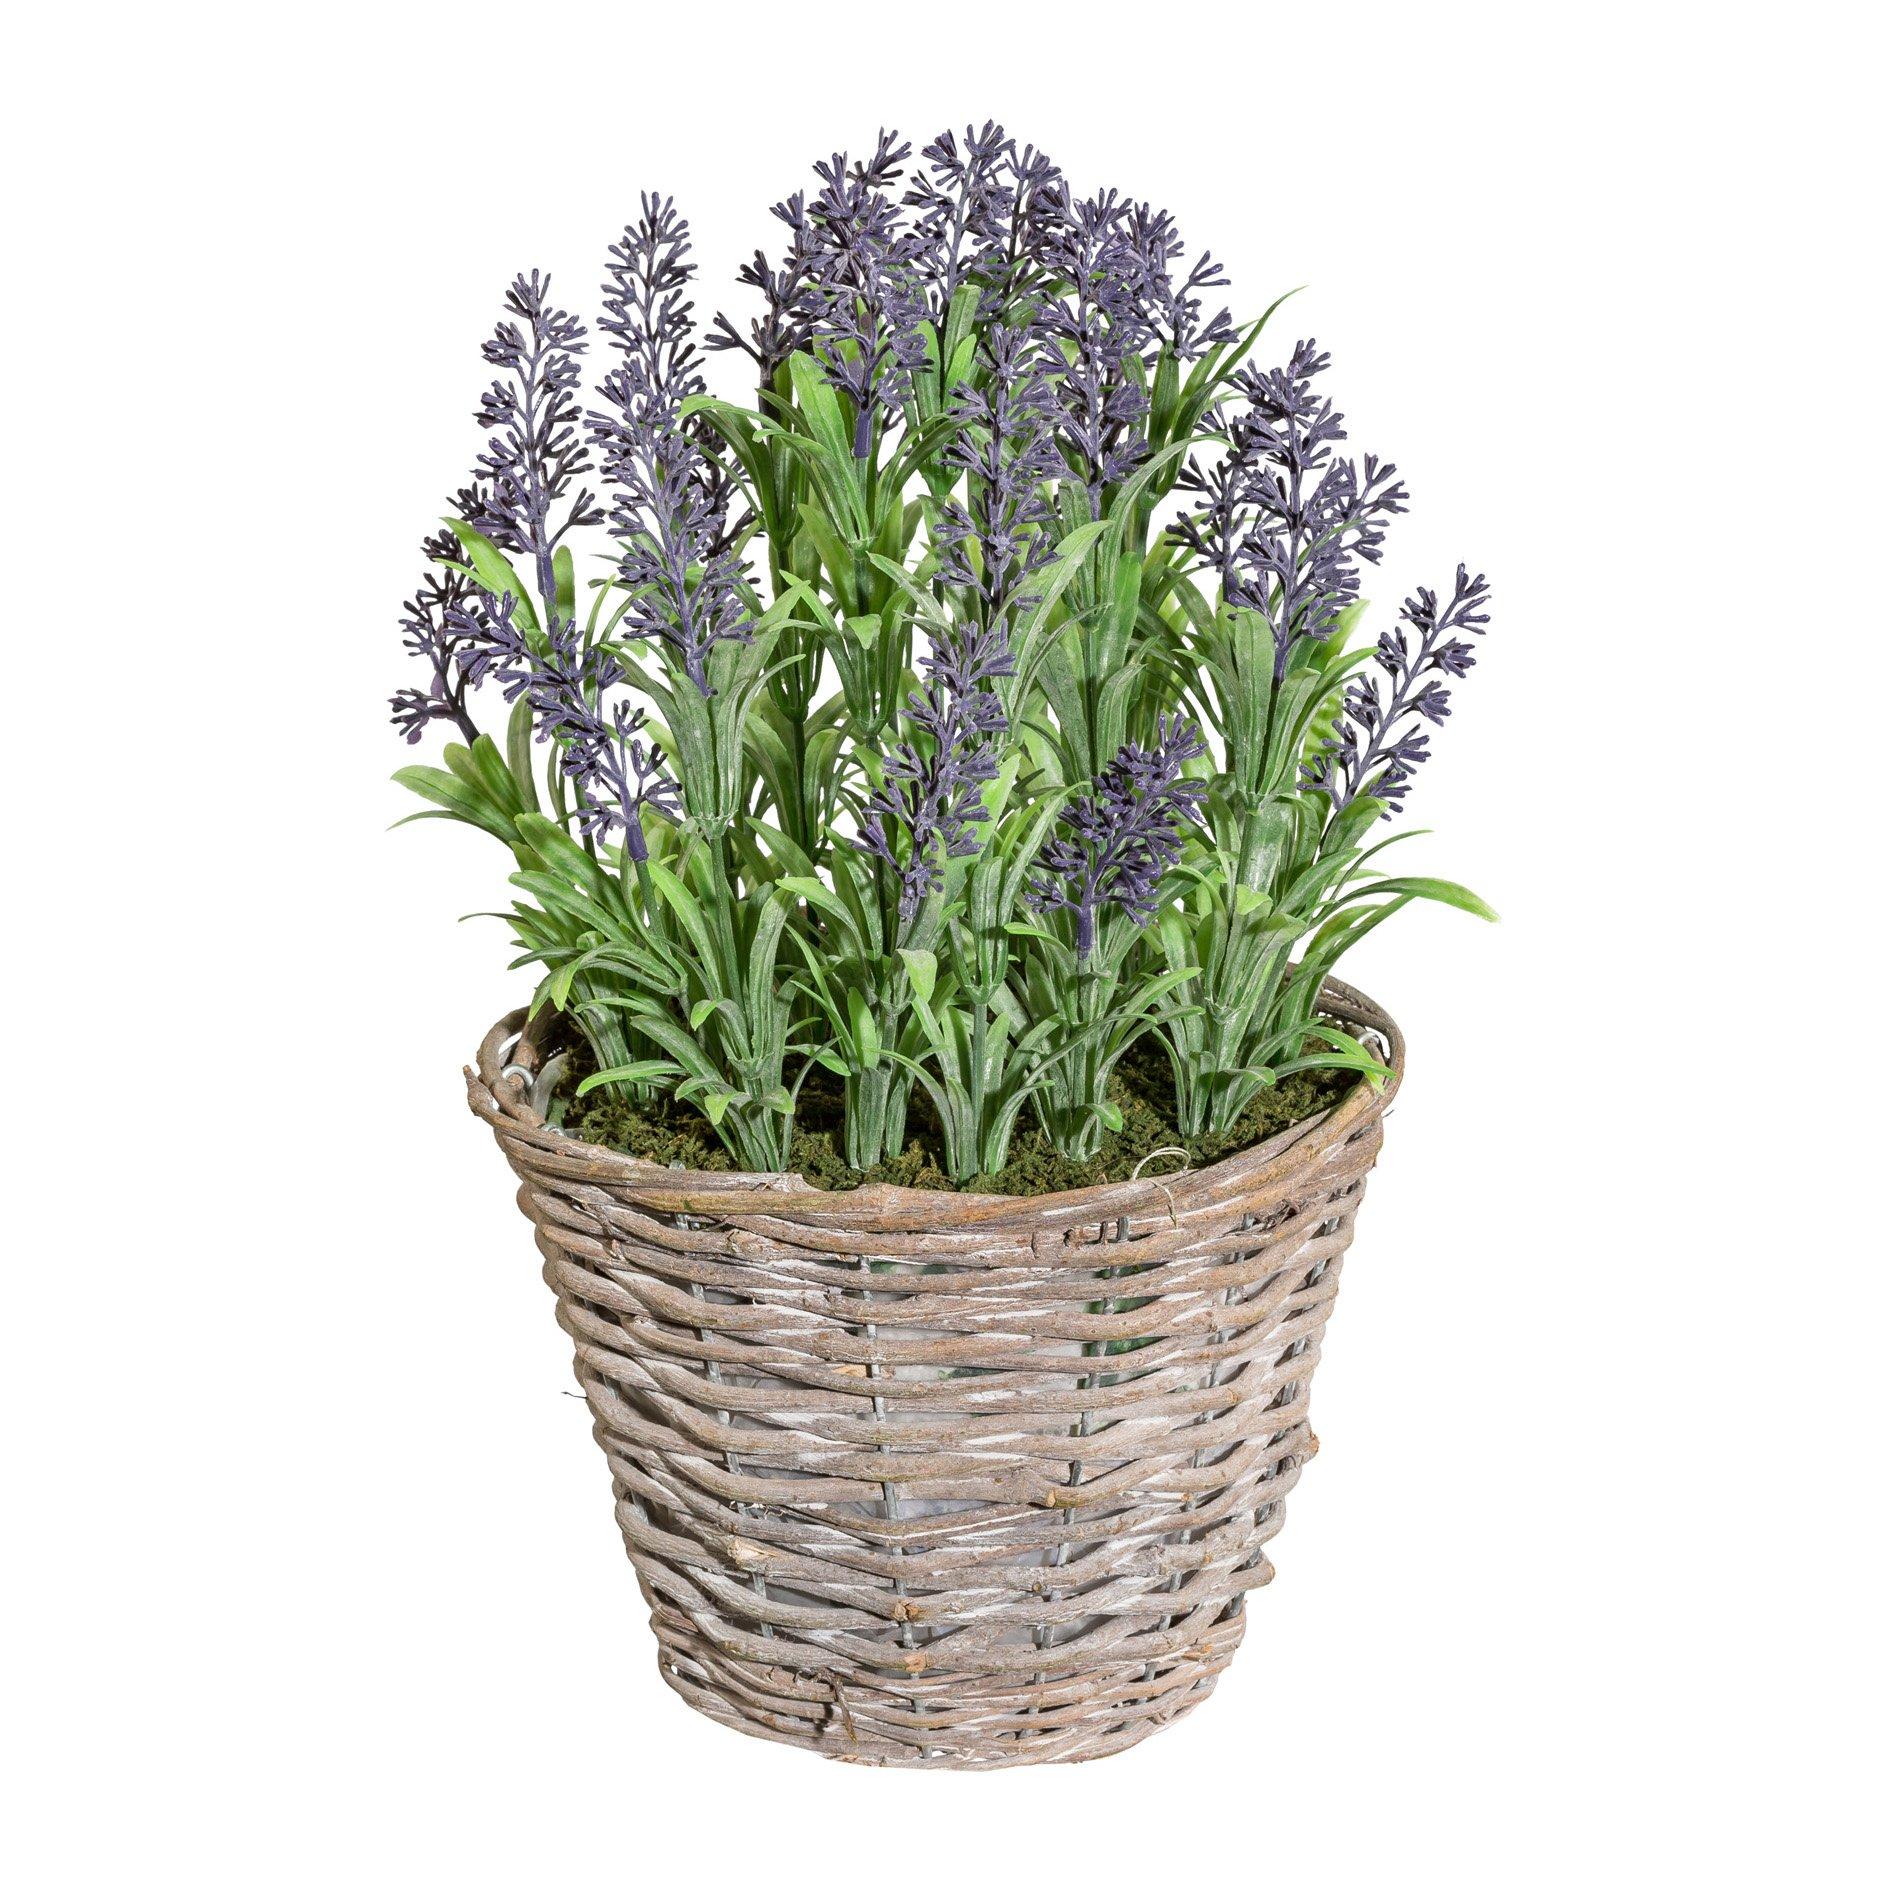 Deutschmade Artificial Plant, Faux Purple Lavender Bush in Wicker Basket, 14 Inch Tall